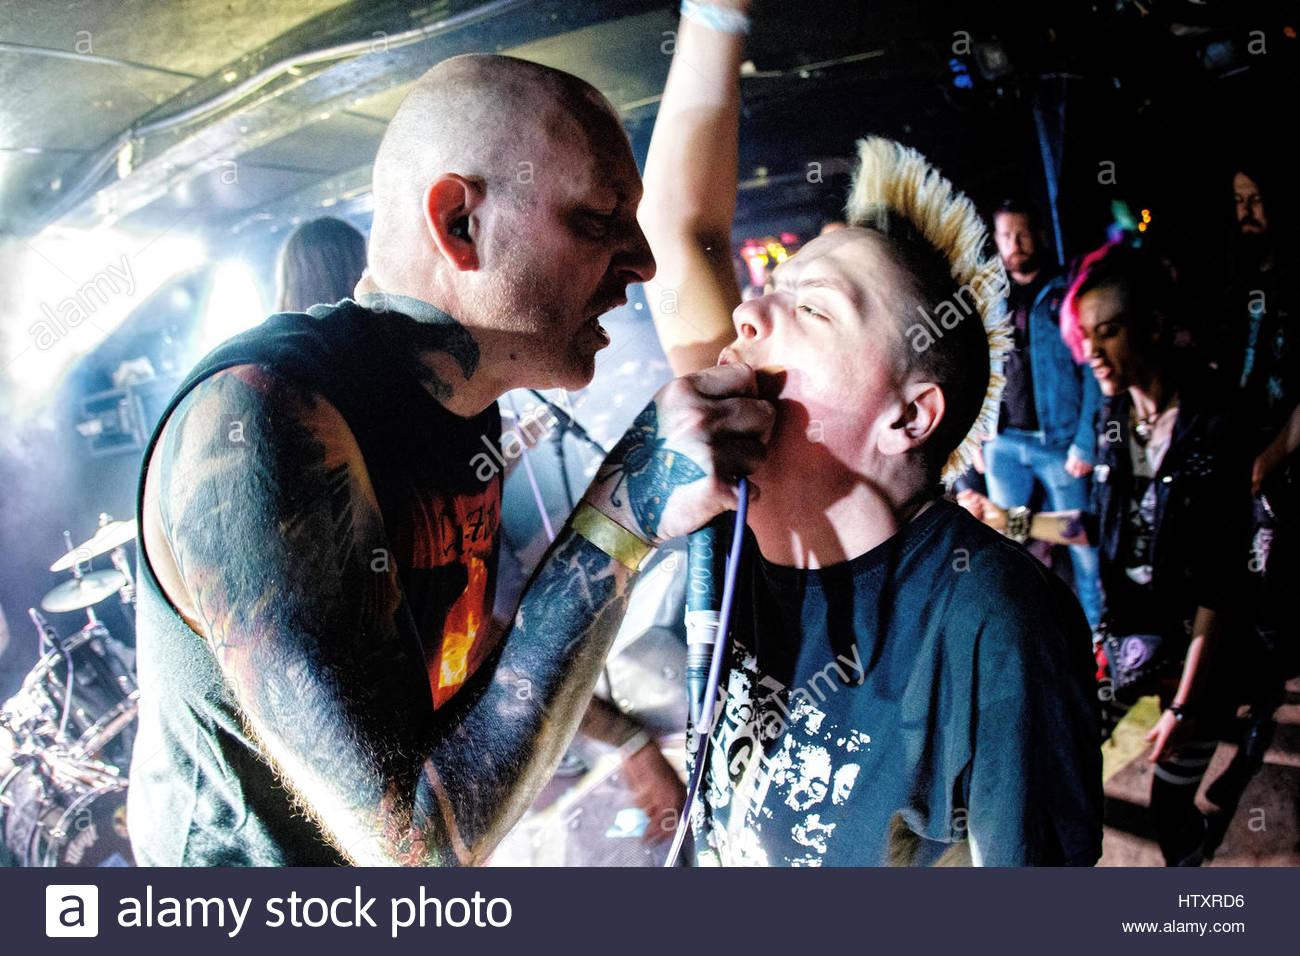 Swedish Hardcore Bands